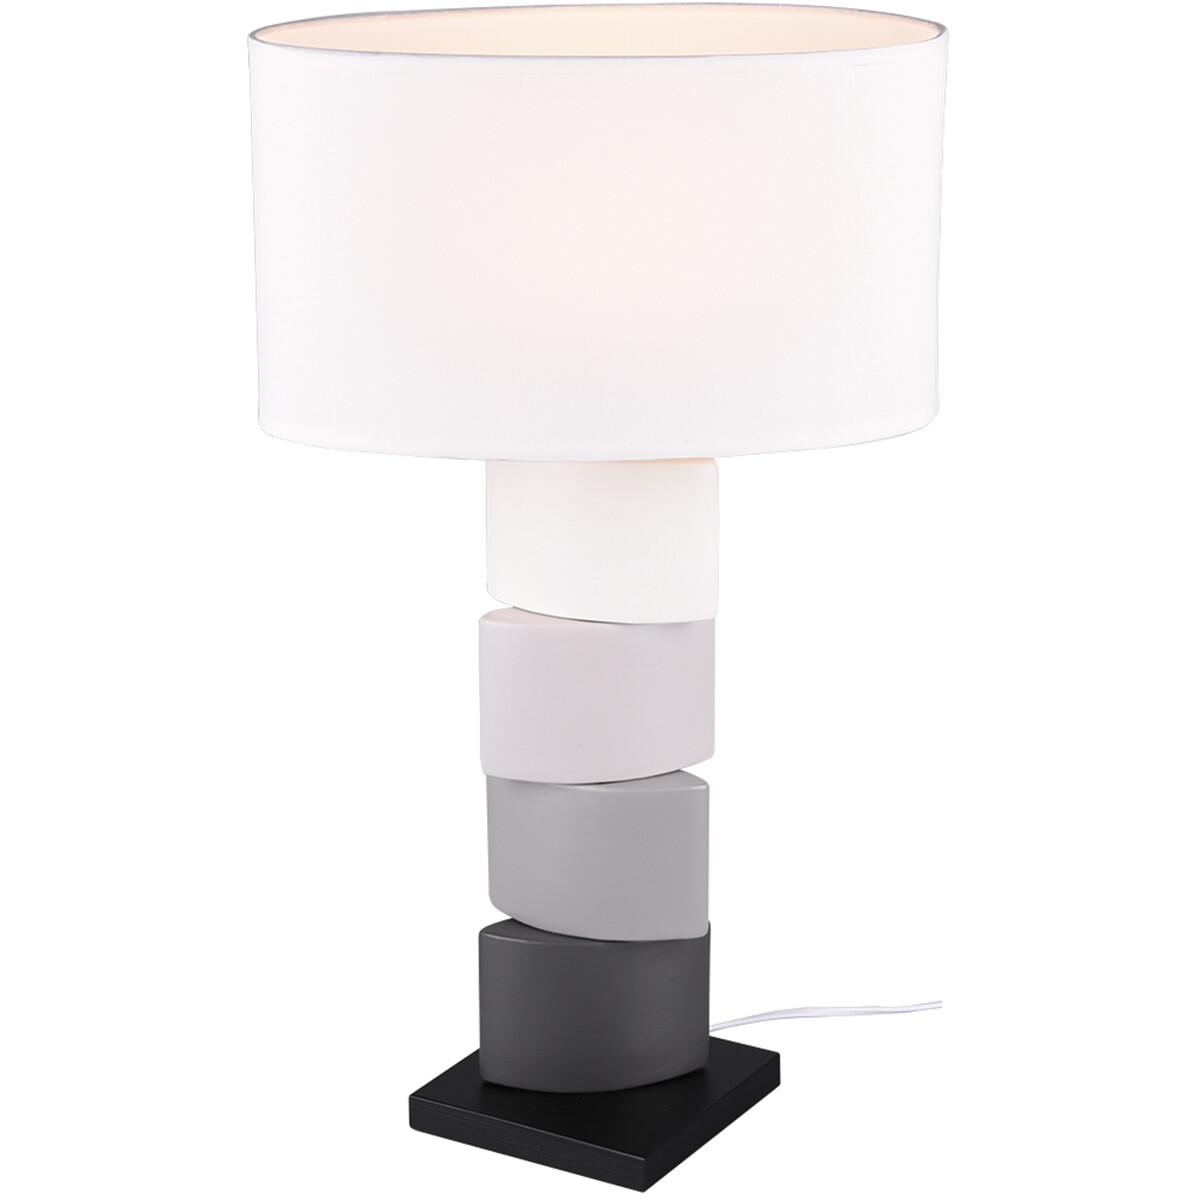 LED Tafellamp - Tafelverlichting - Trion Konan - E27 Fitting - Rond - Mat Wit - Keramiek